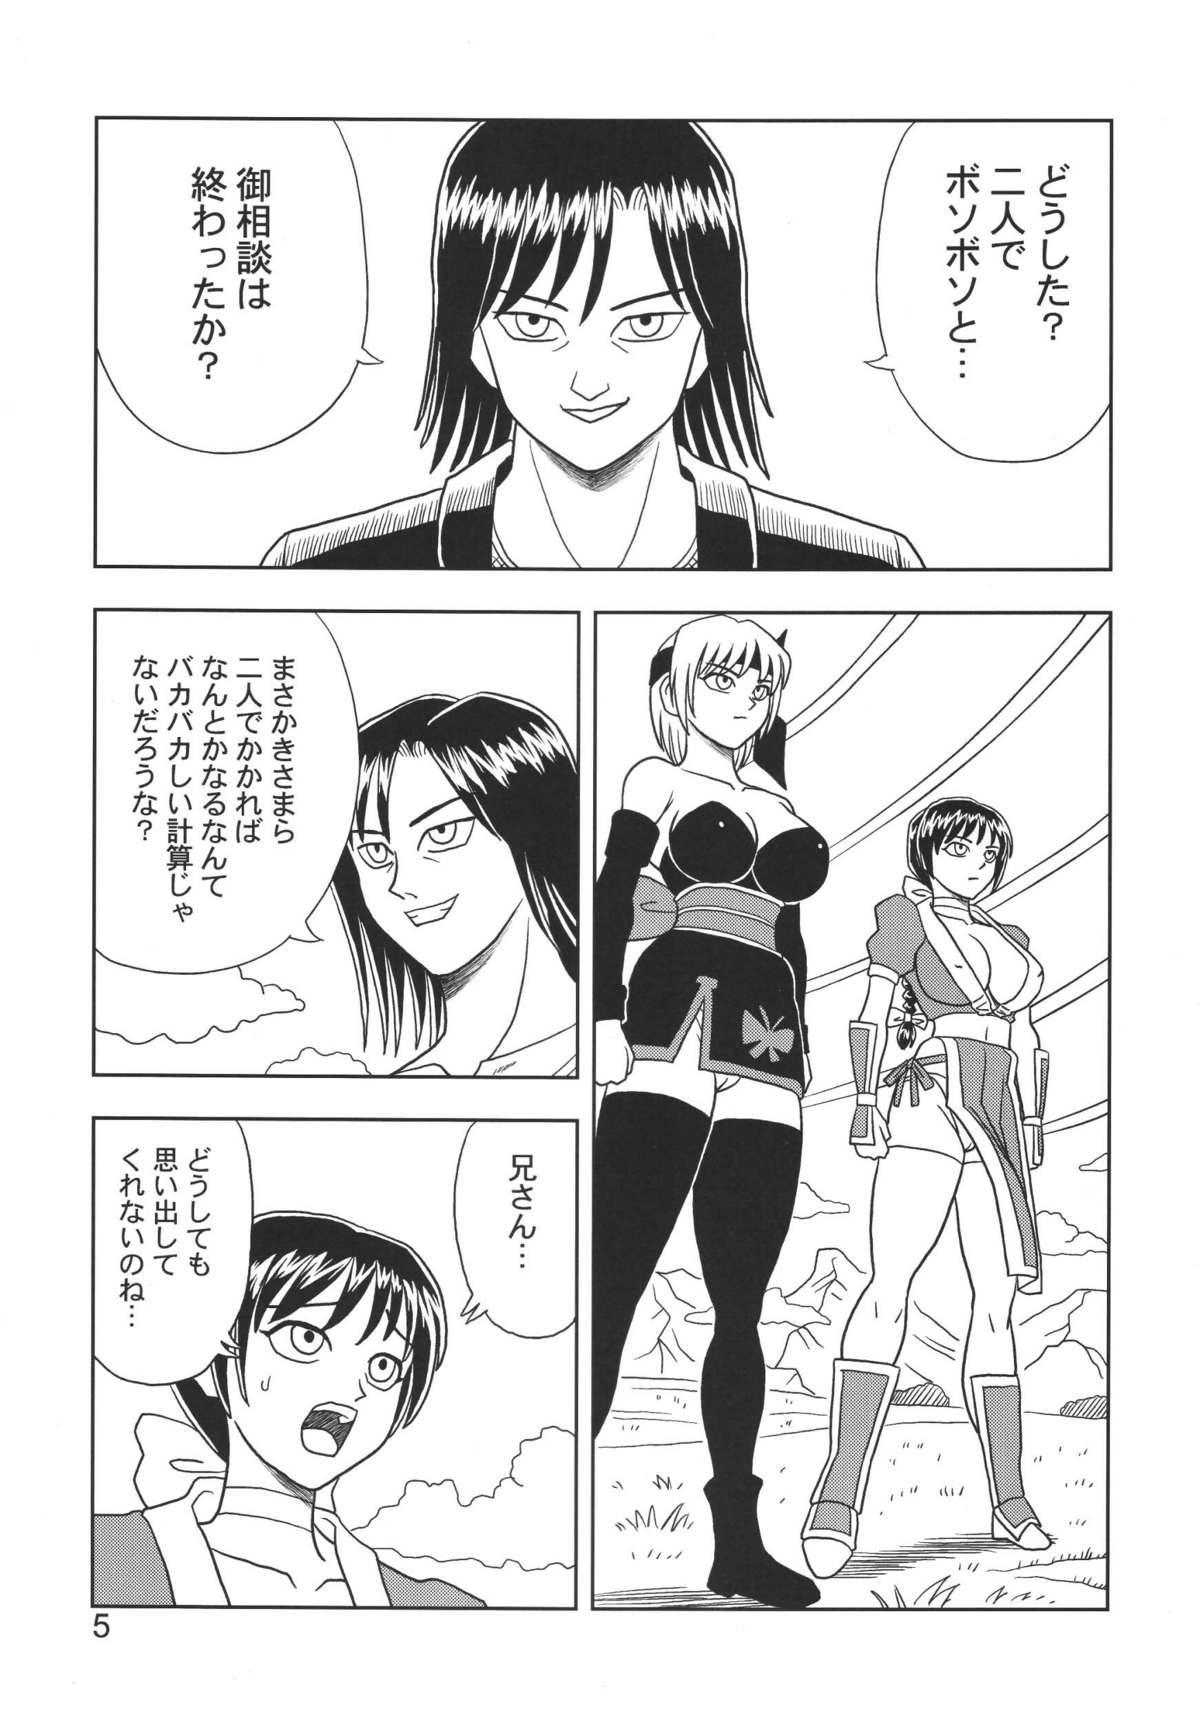 Kasumi or Ayane 4